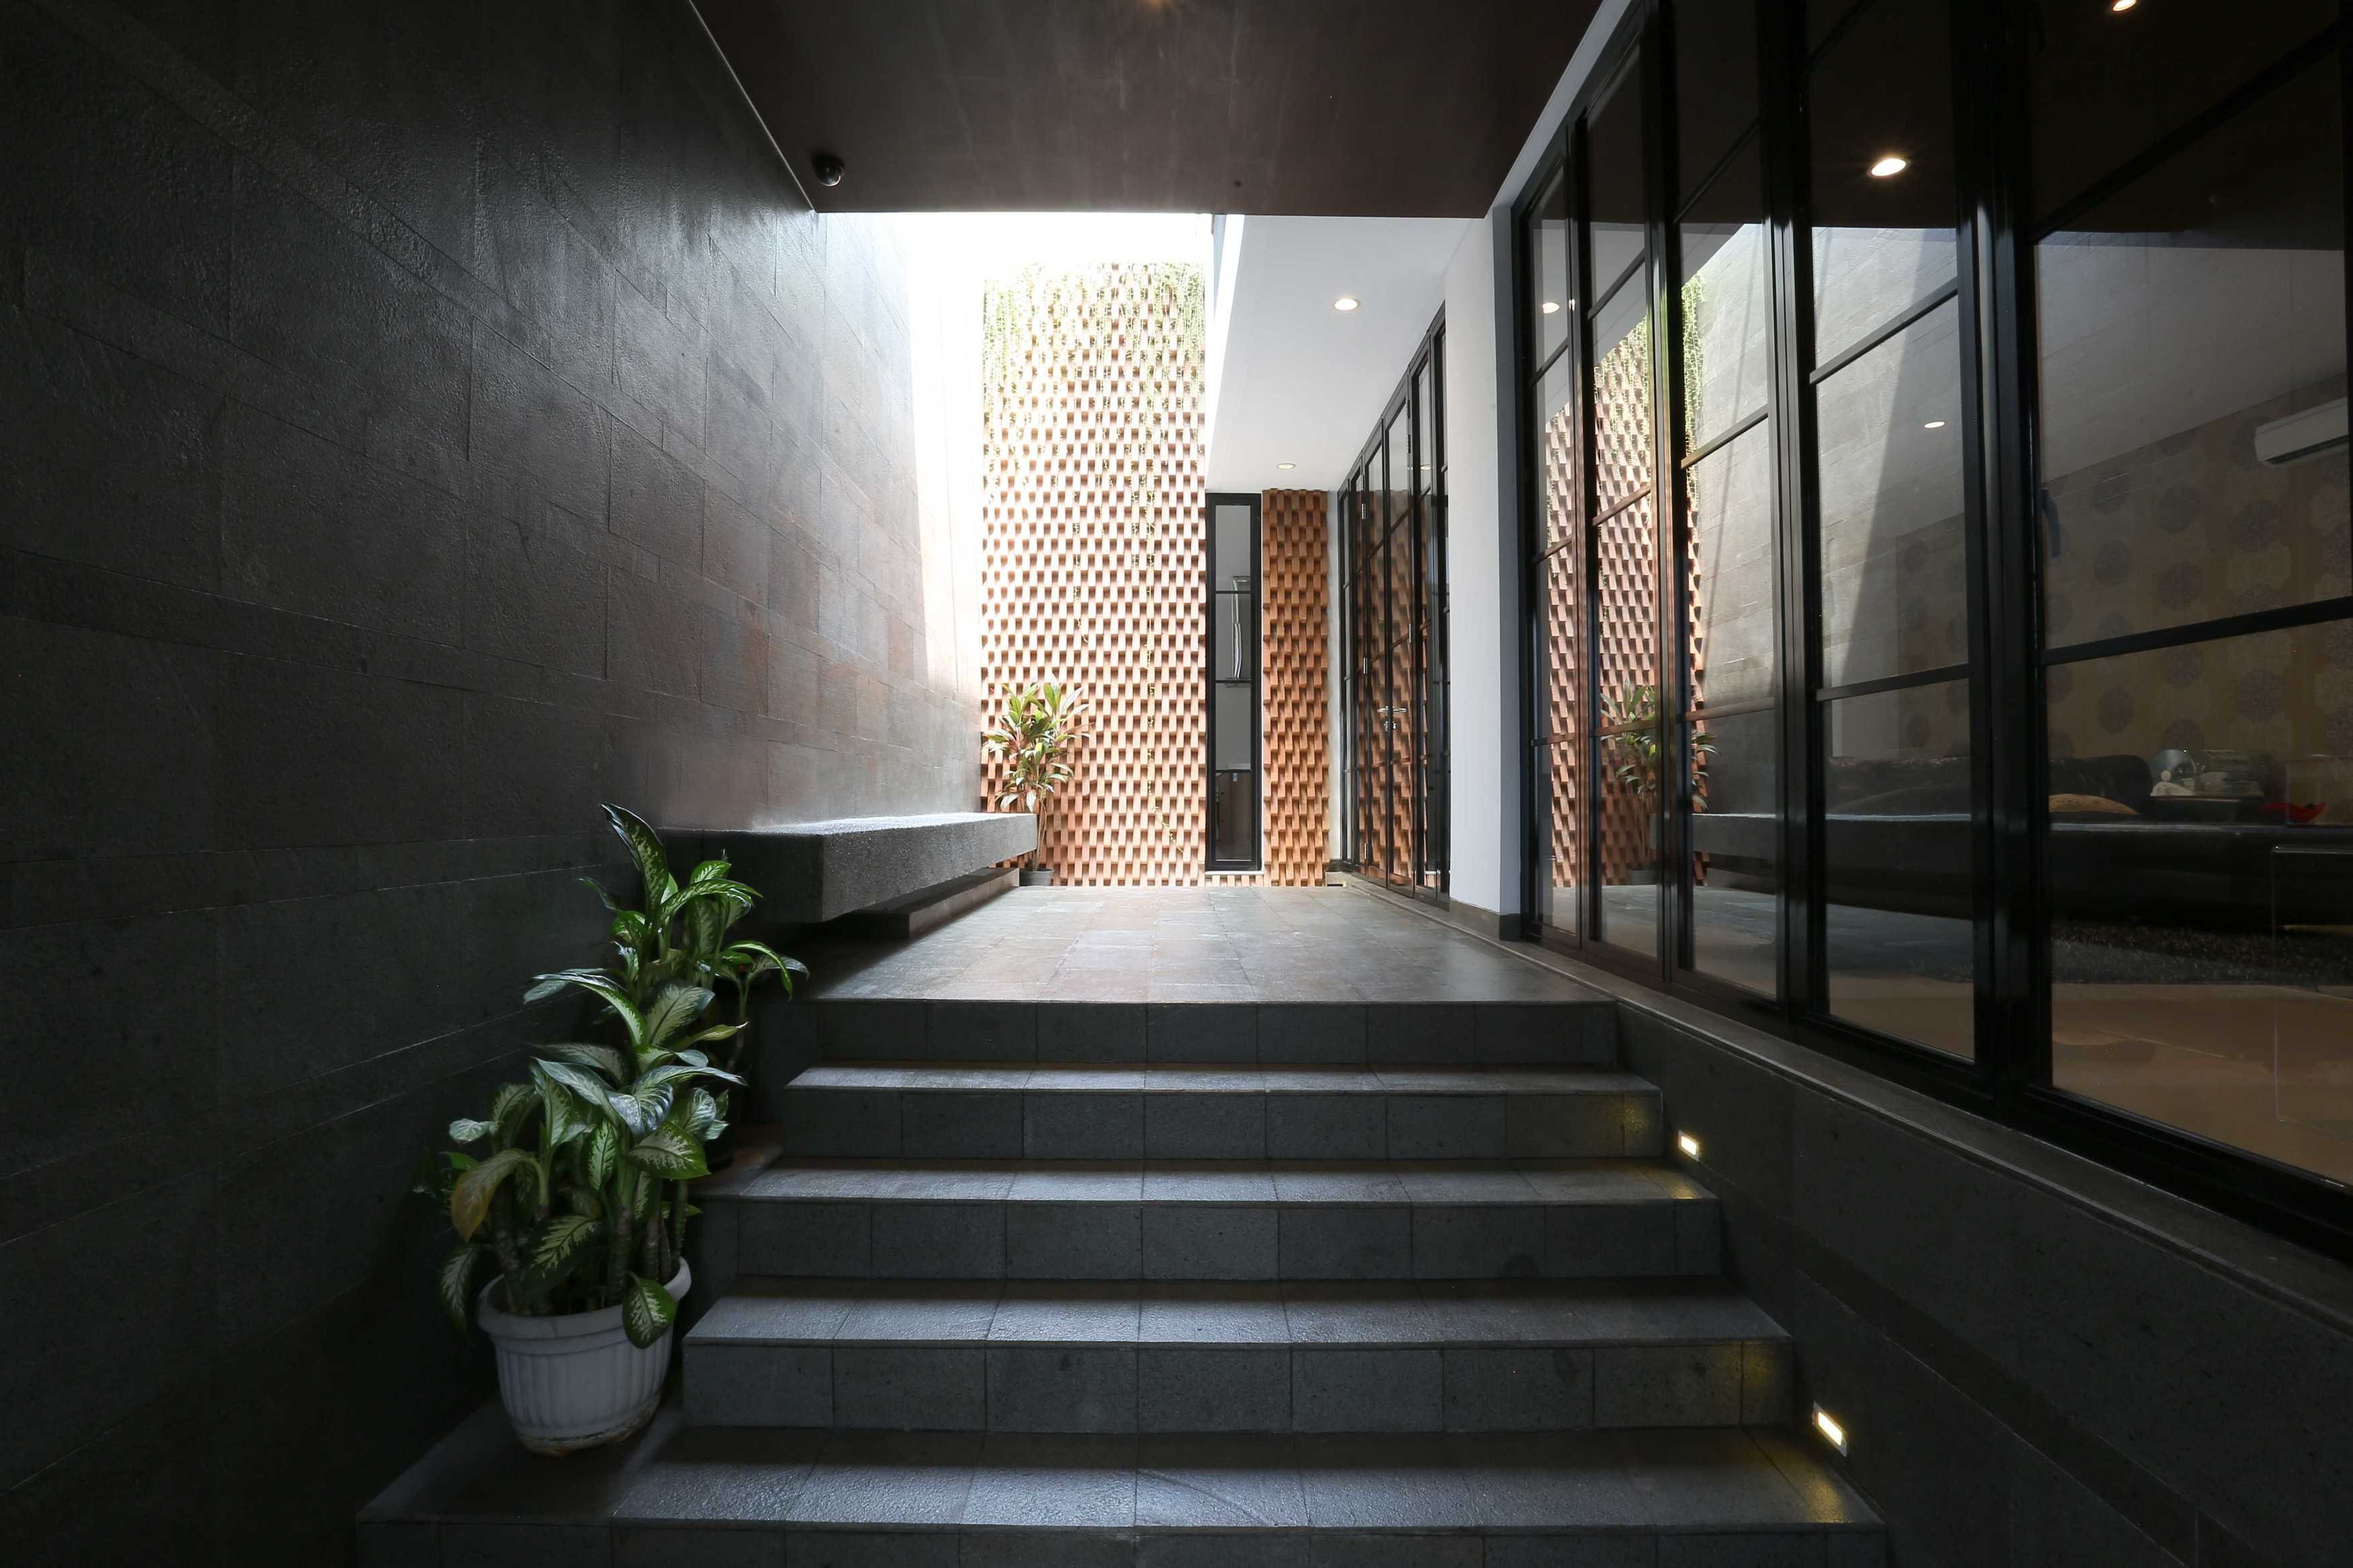 Arkana Buana Joseph Residence Pluit Karangsari Pluit Karangsari 3O3A8732 Tropis,modern  26585